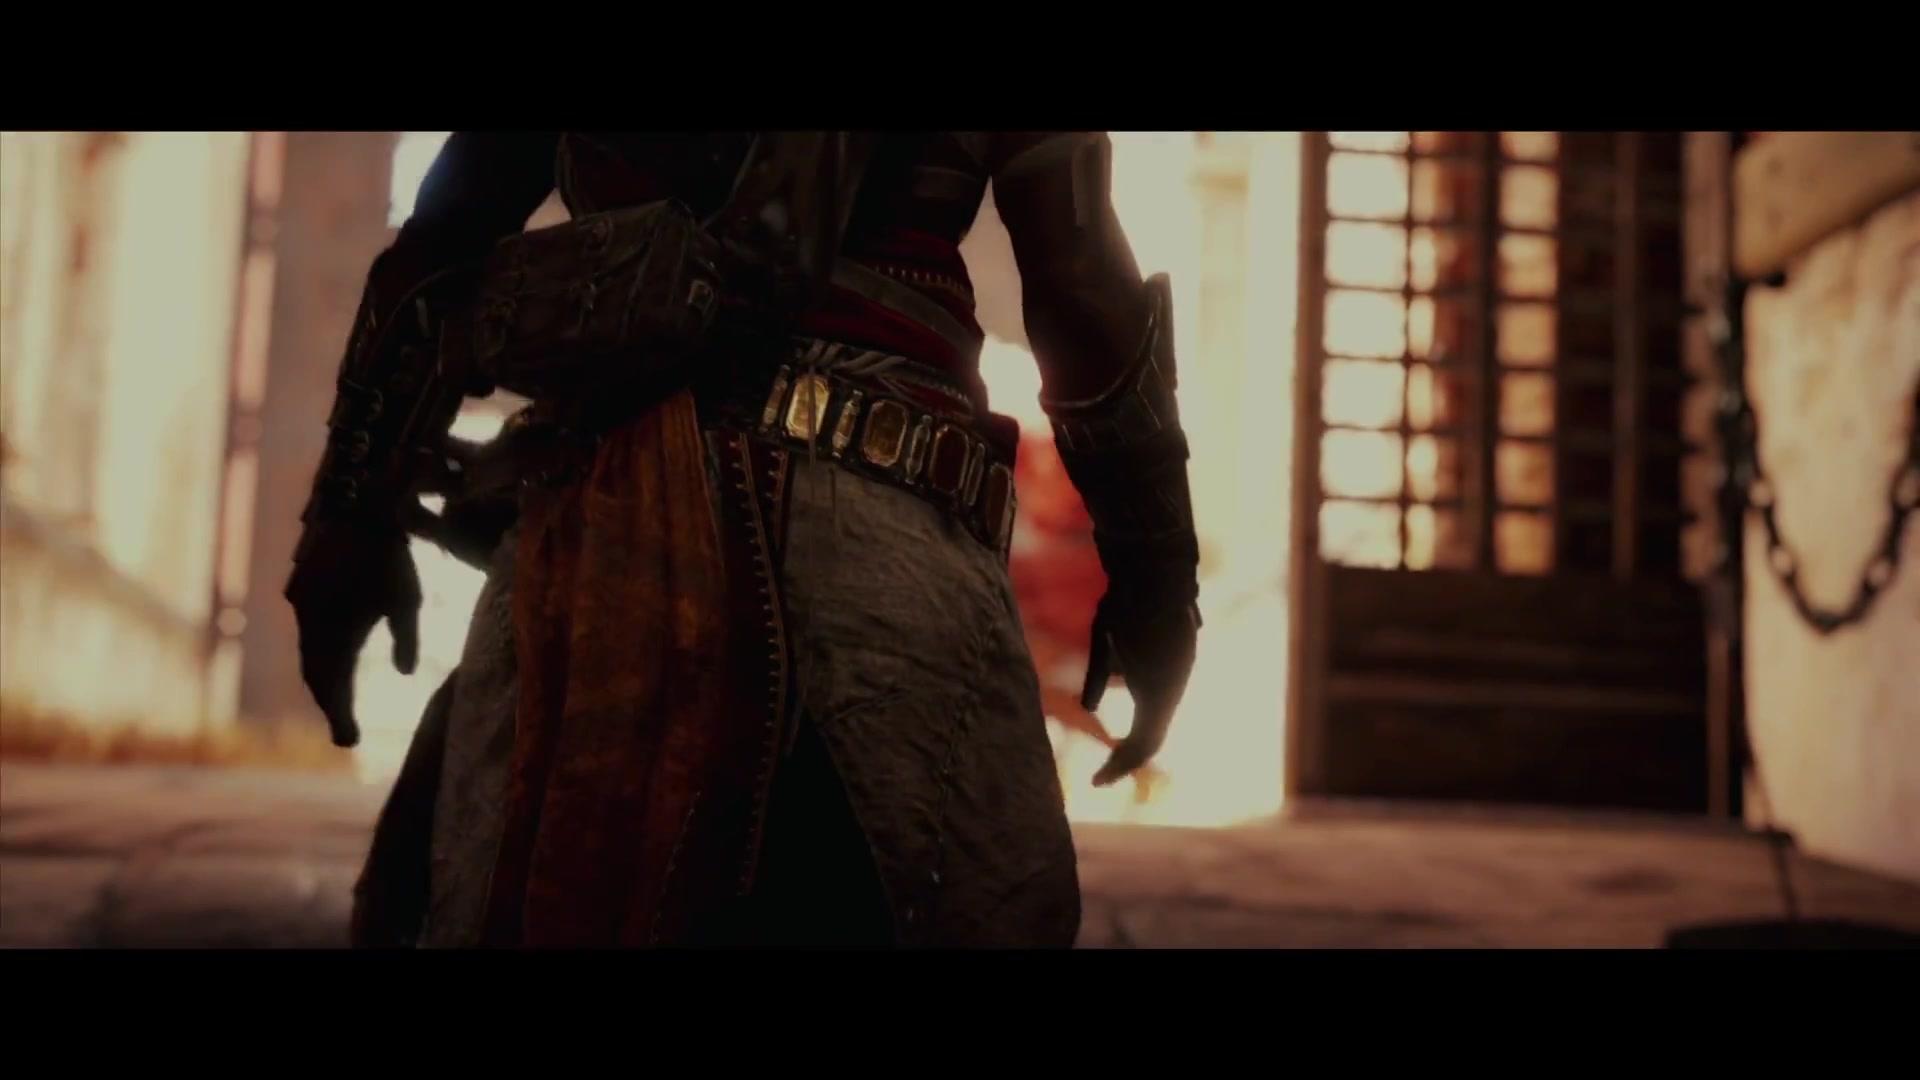 【游戏宣传】刺客信条:起源 - 全球首映预告片